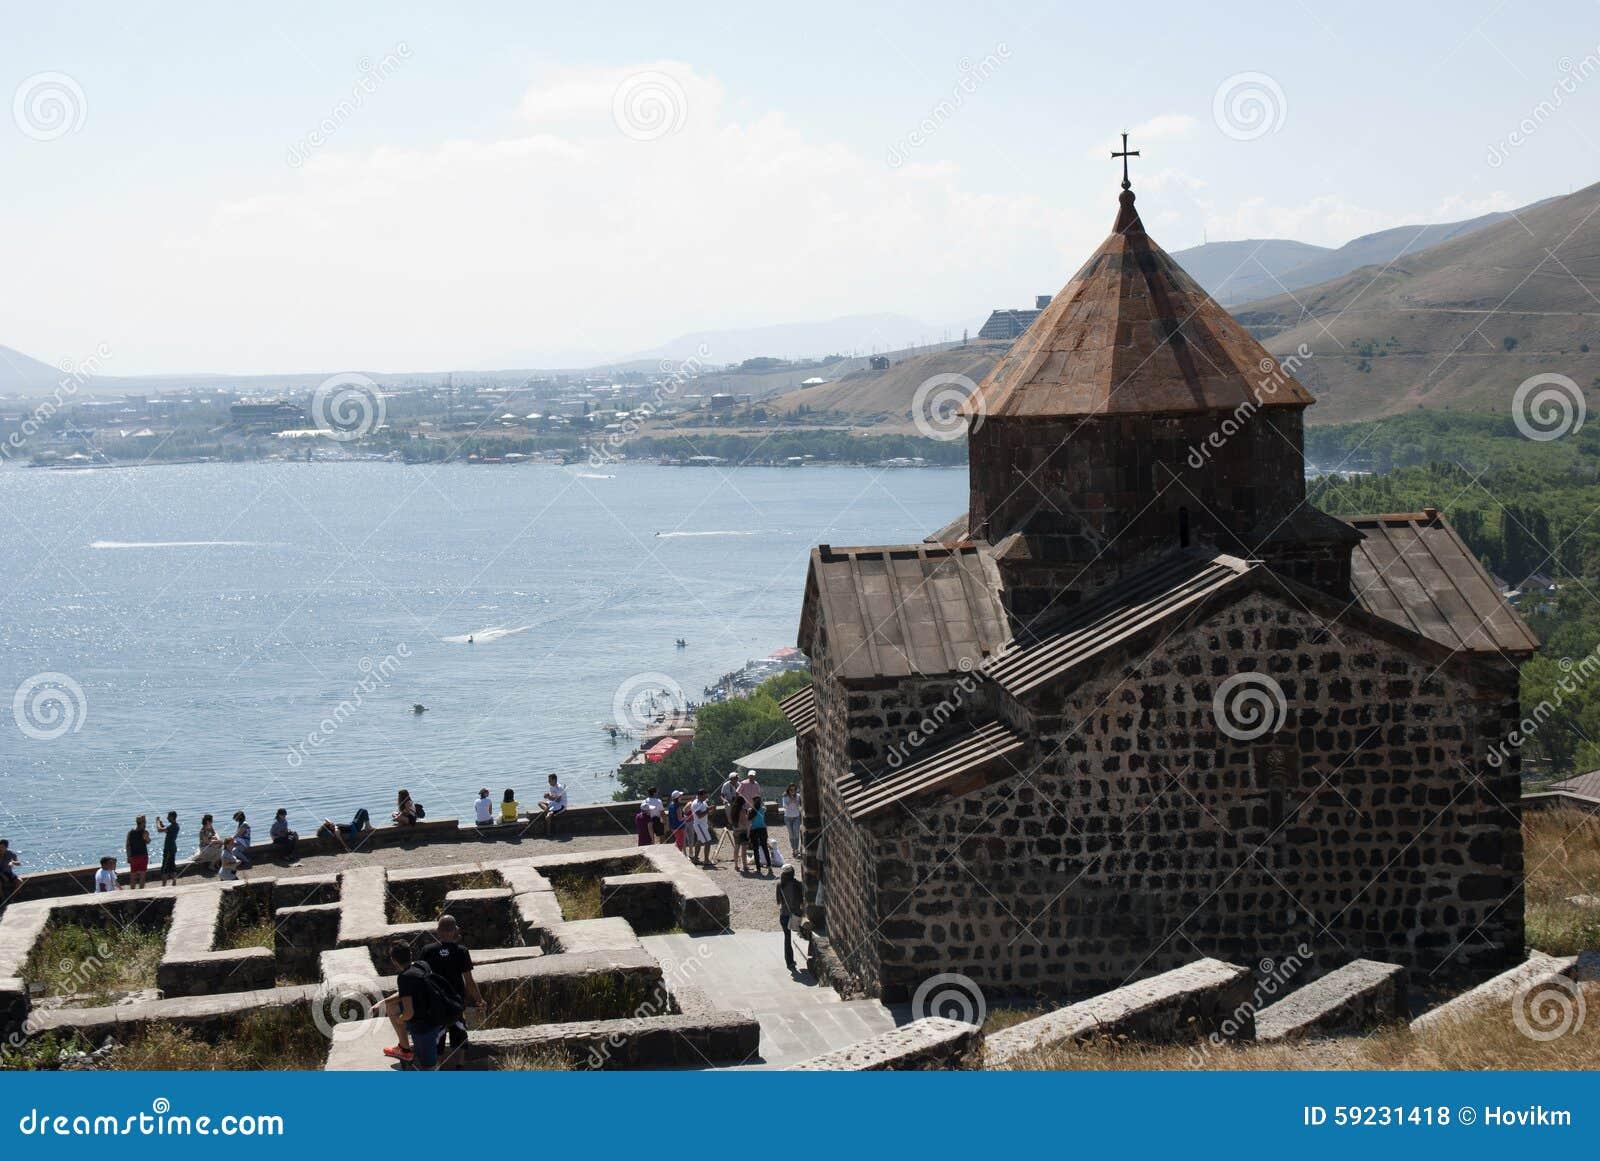 Download El Monasterio O El Sevanavank (iglesia) De La Isla En La Isla De Sevan Foto de archivo editorial - Imagen de isla, d0: 59231418